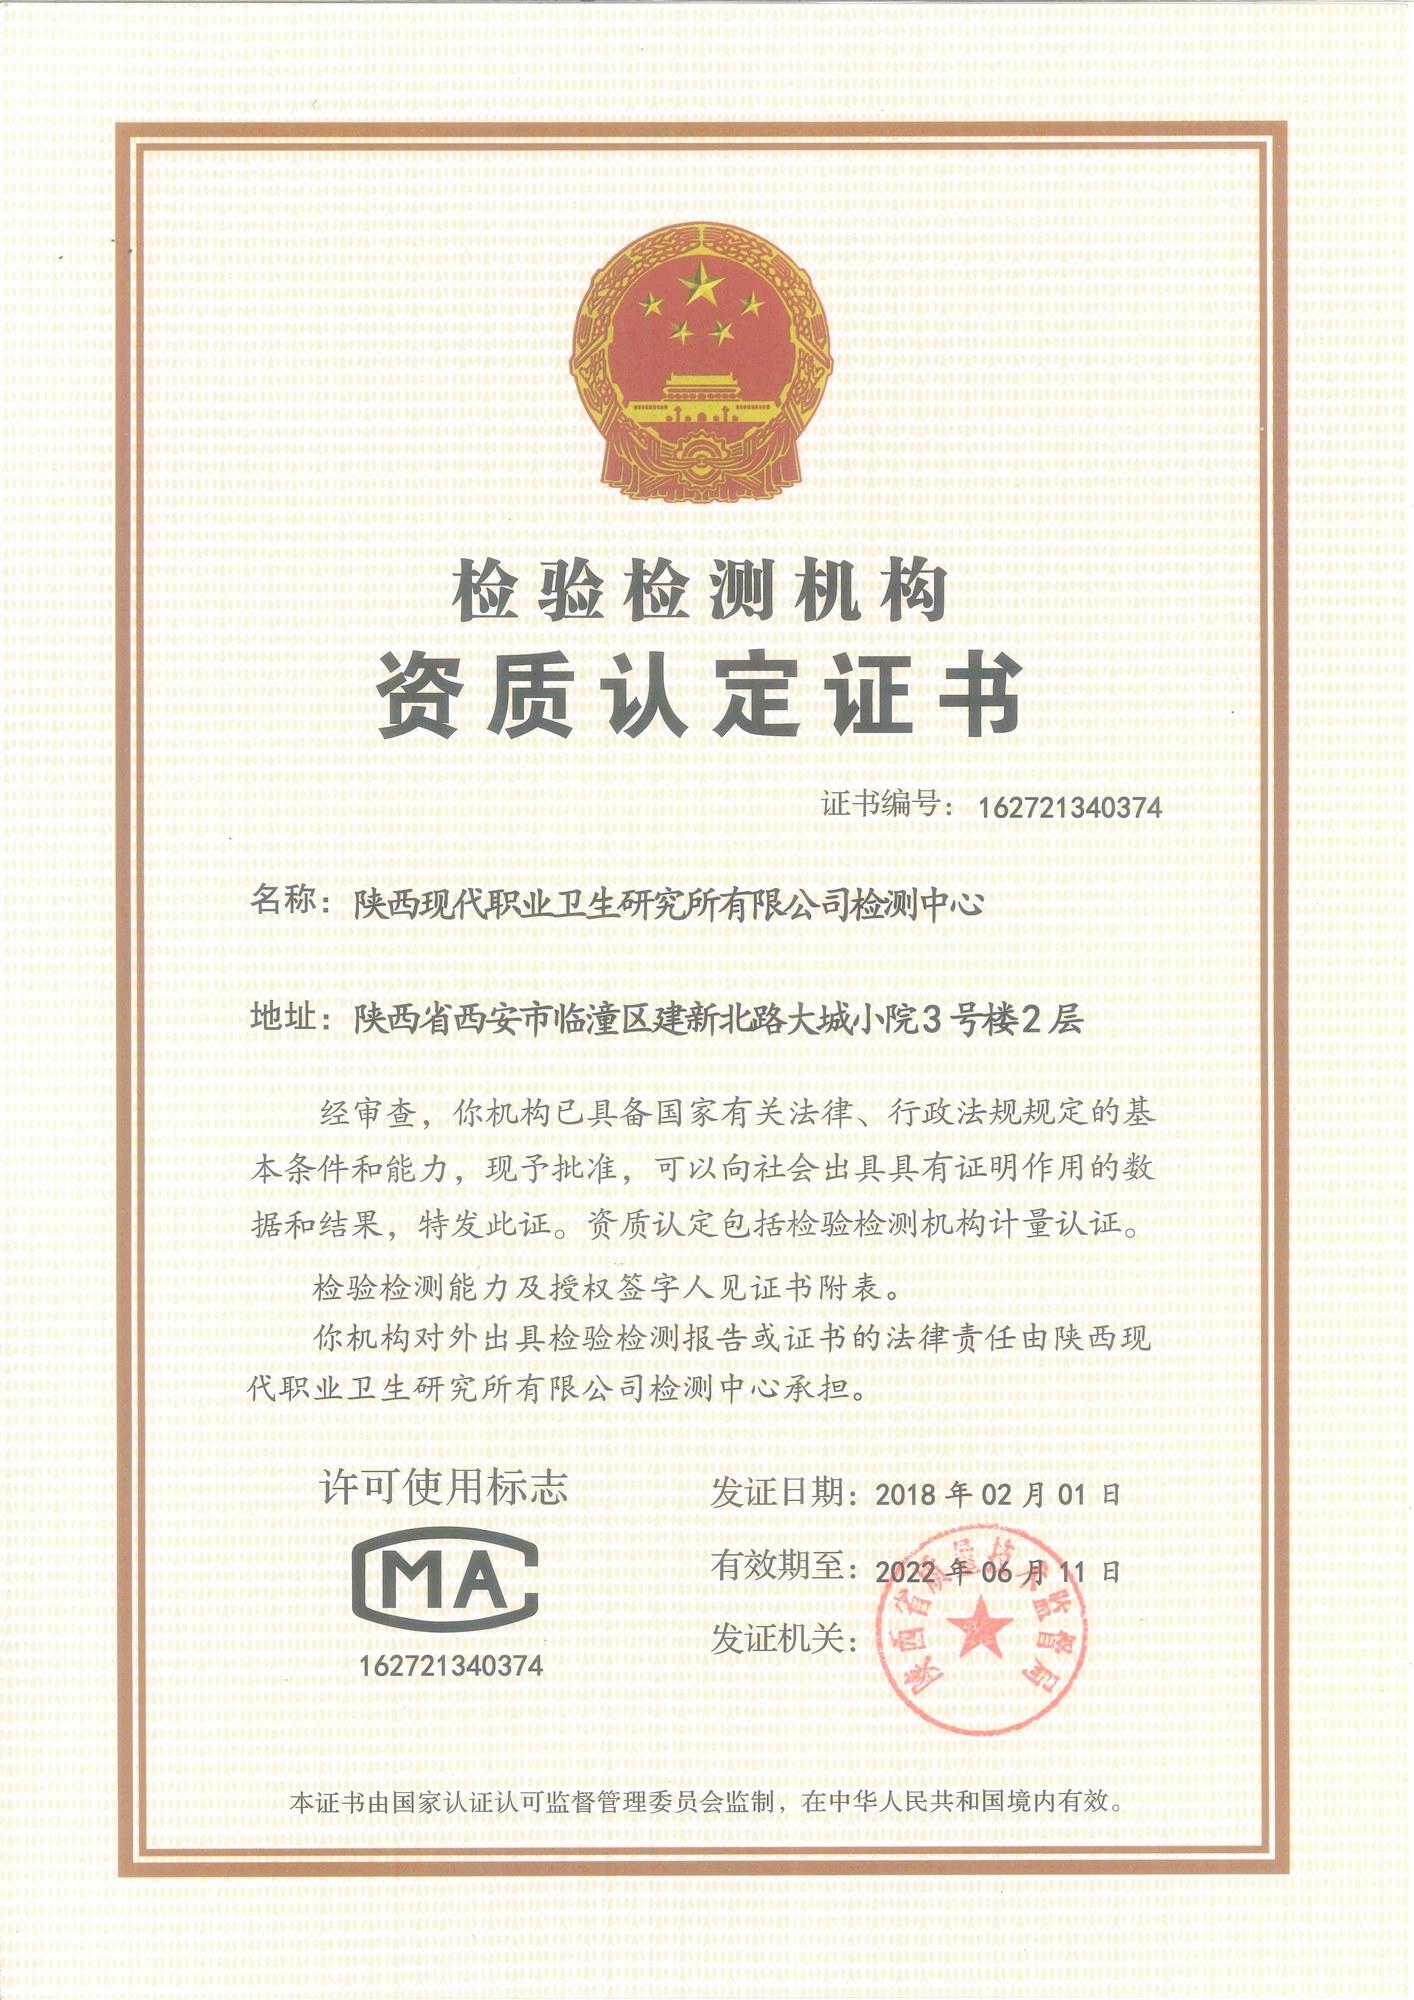 檢驗檢測機構資質證書